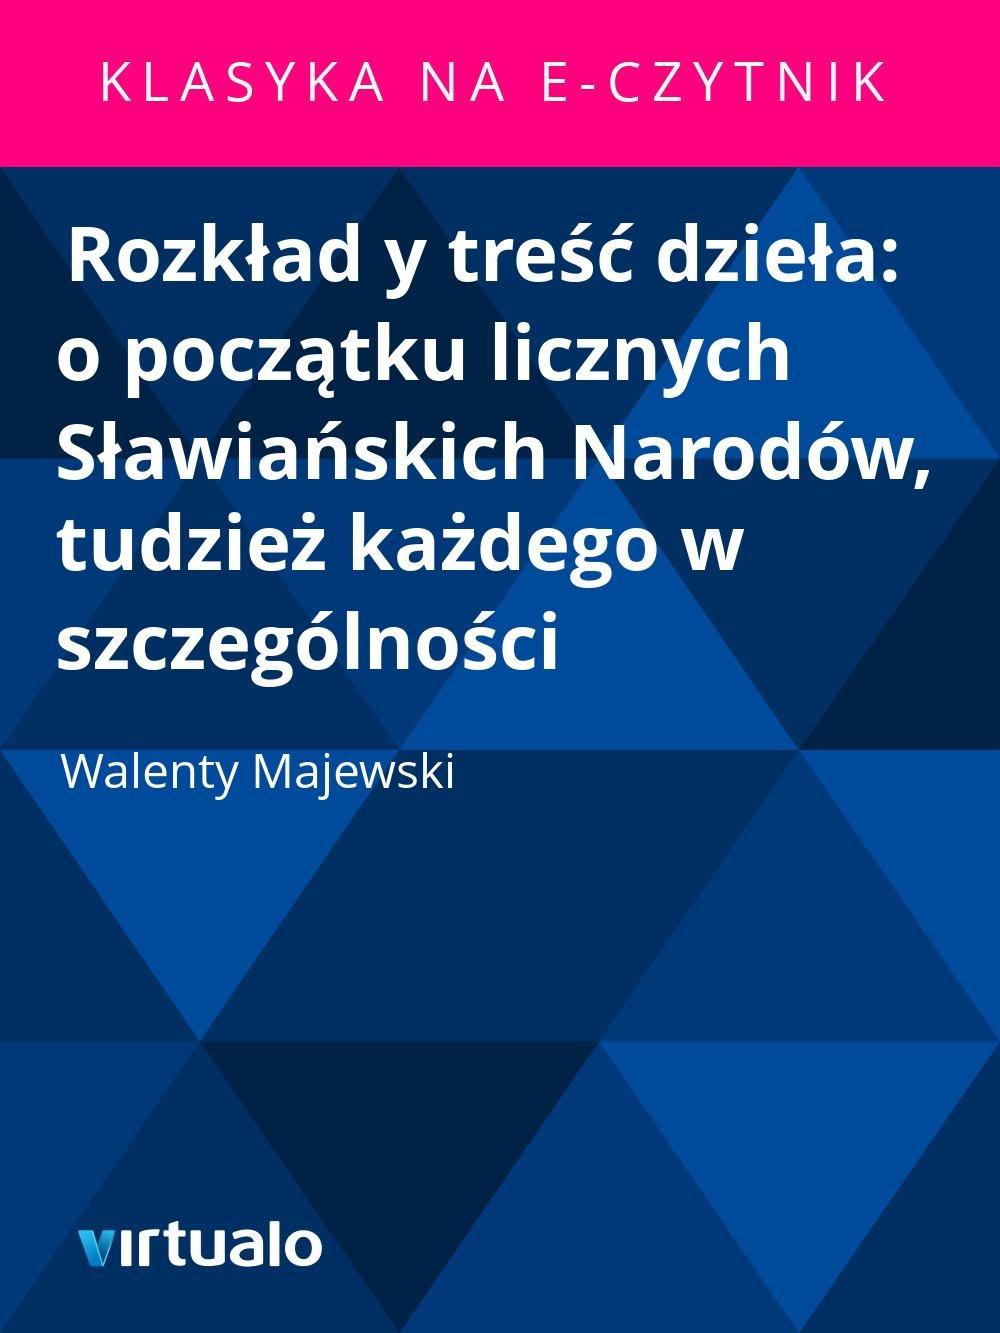 Rozkład y treść dzieła: o początku licznych Sławiańskich Narodów, tudzież każdego w szczególności - Ebook (Książka EPUB) do pobrania w formacie EPUB